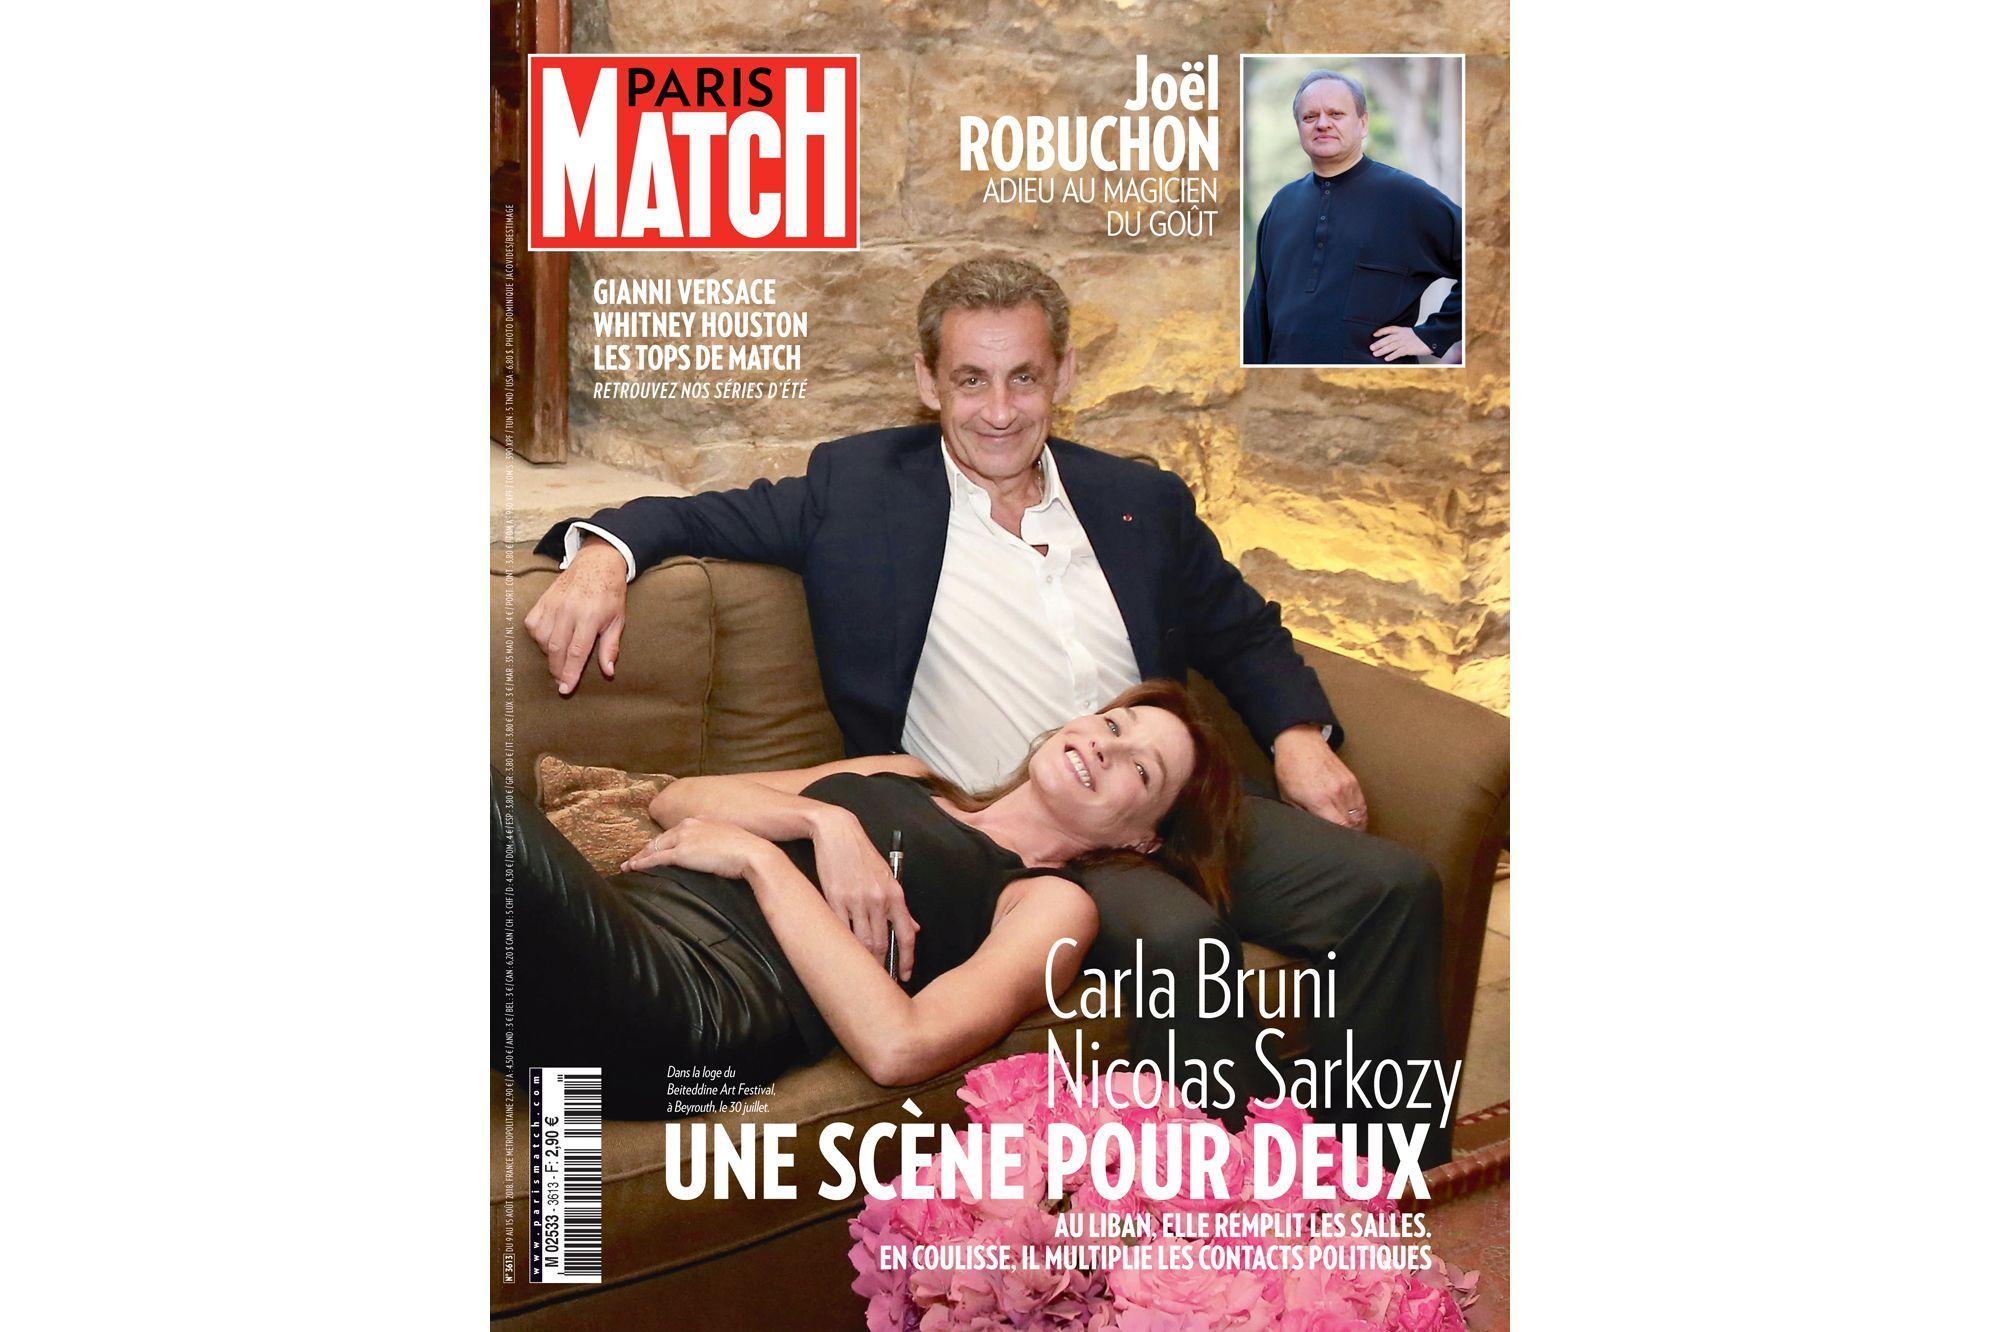 Carla Bruni Et Nicolas Sarkozy Une Scene Pour Deux